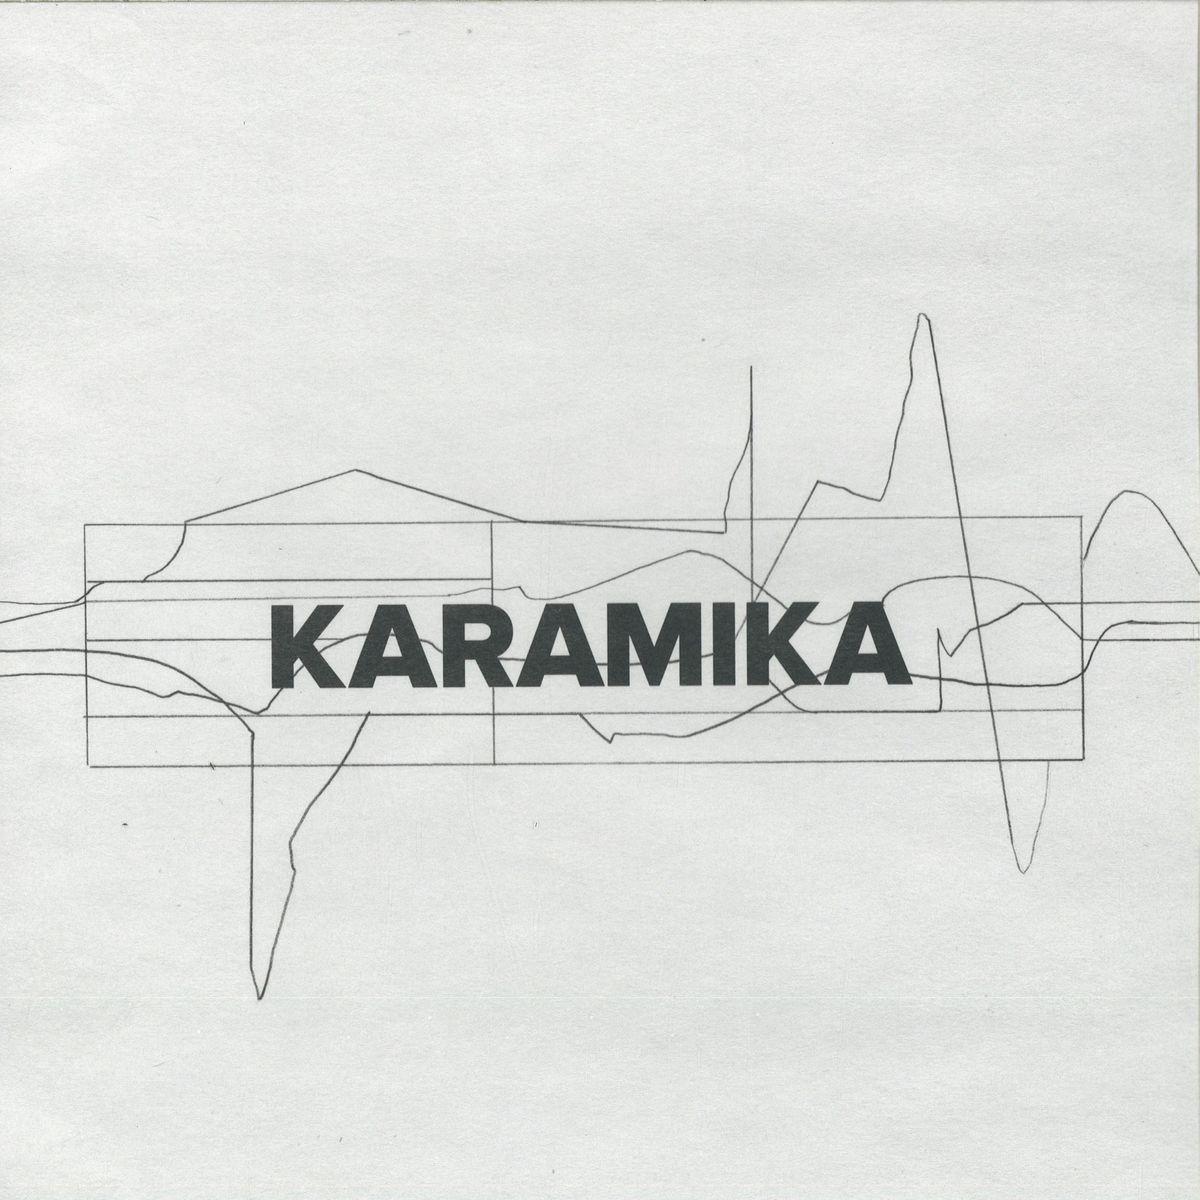 Karamika - Karamika